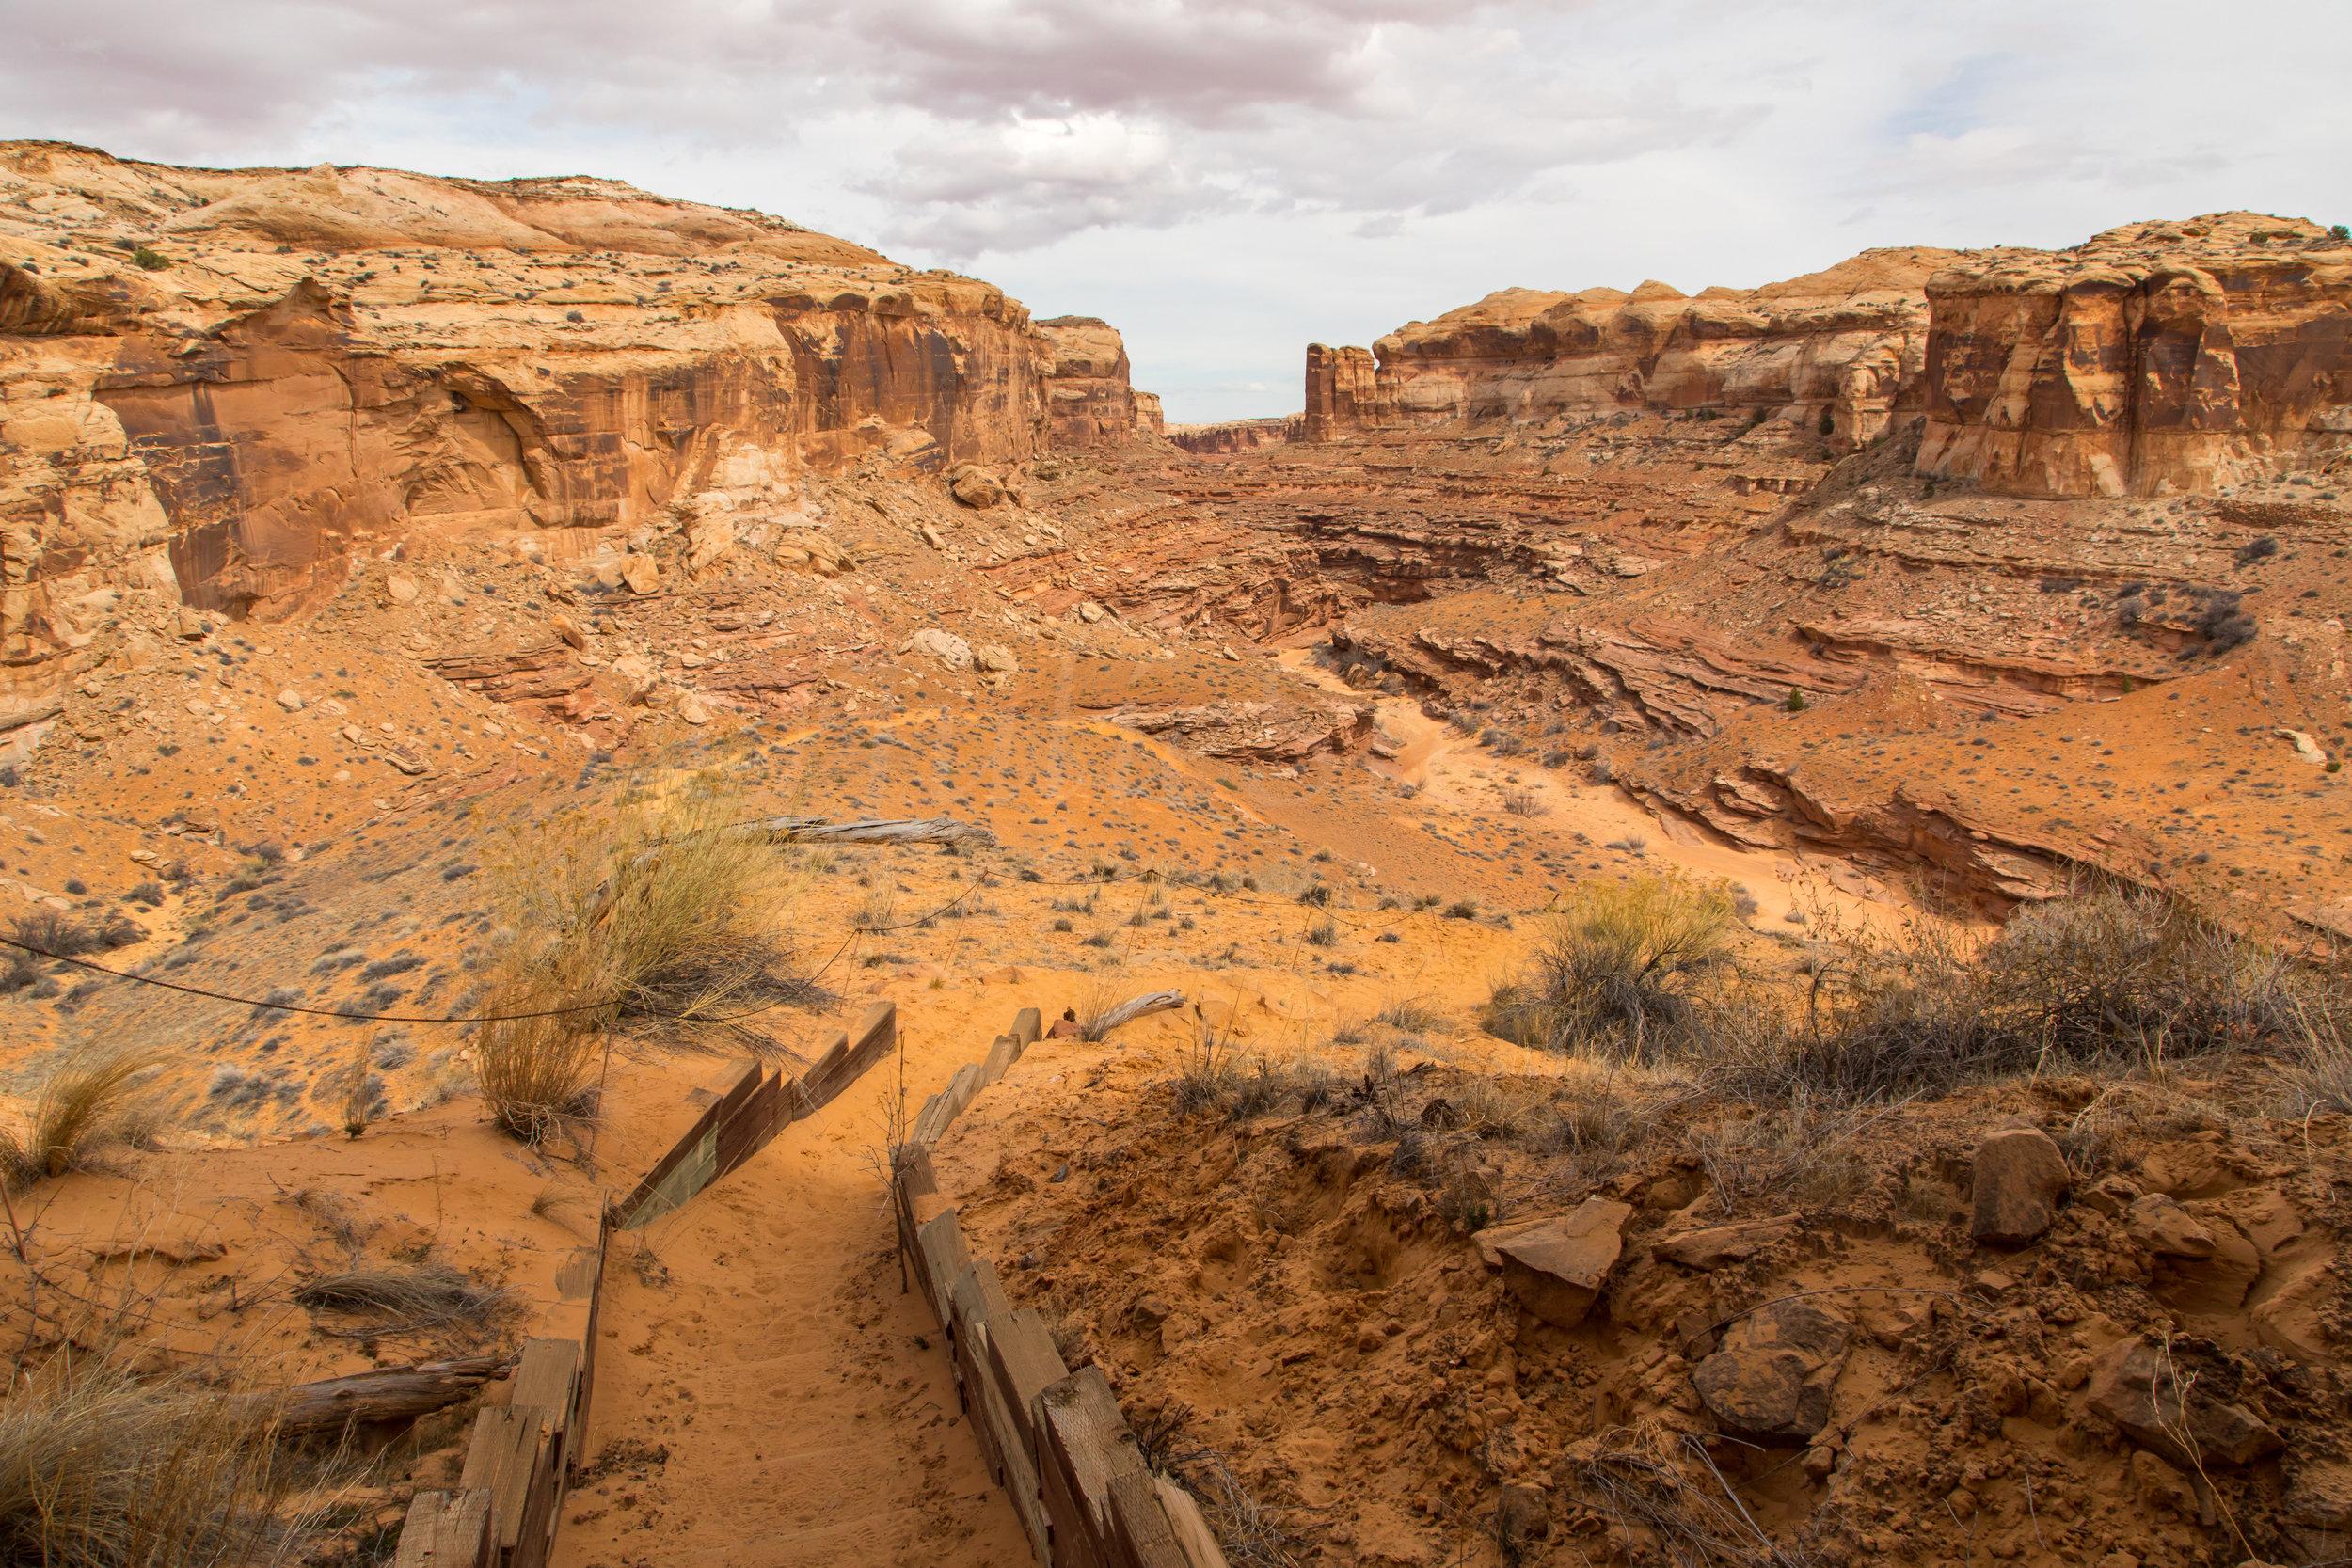 Horseshoe Canyon, Image # 9250